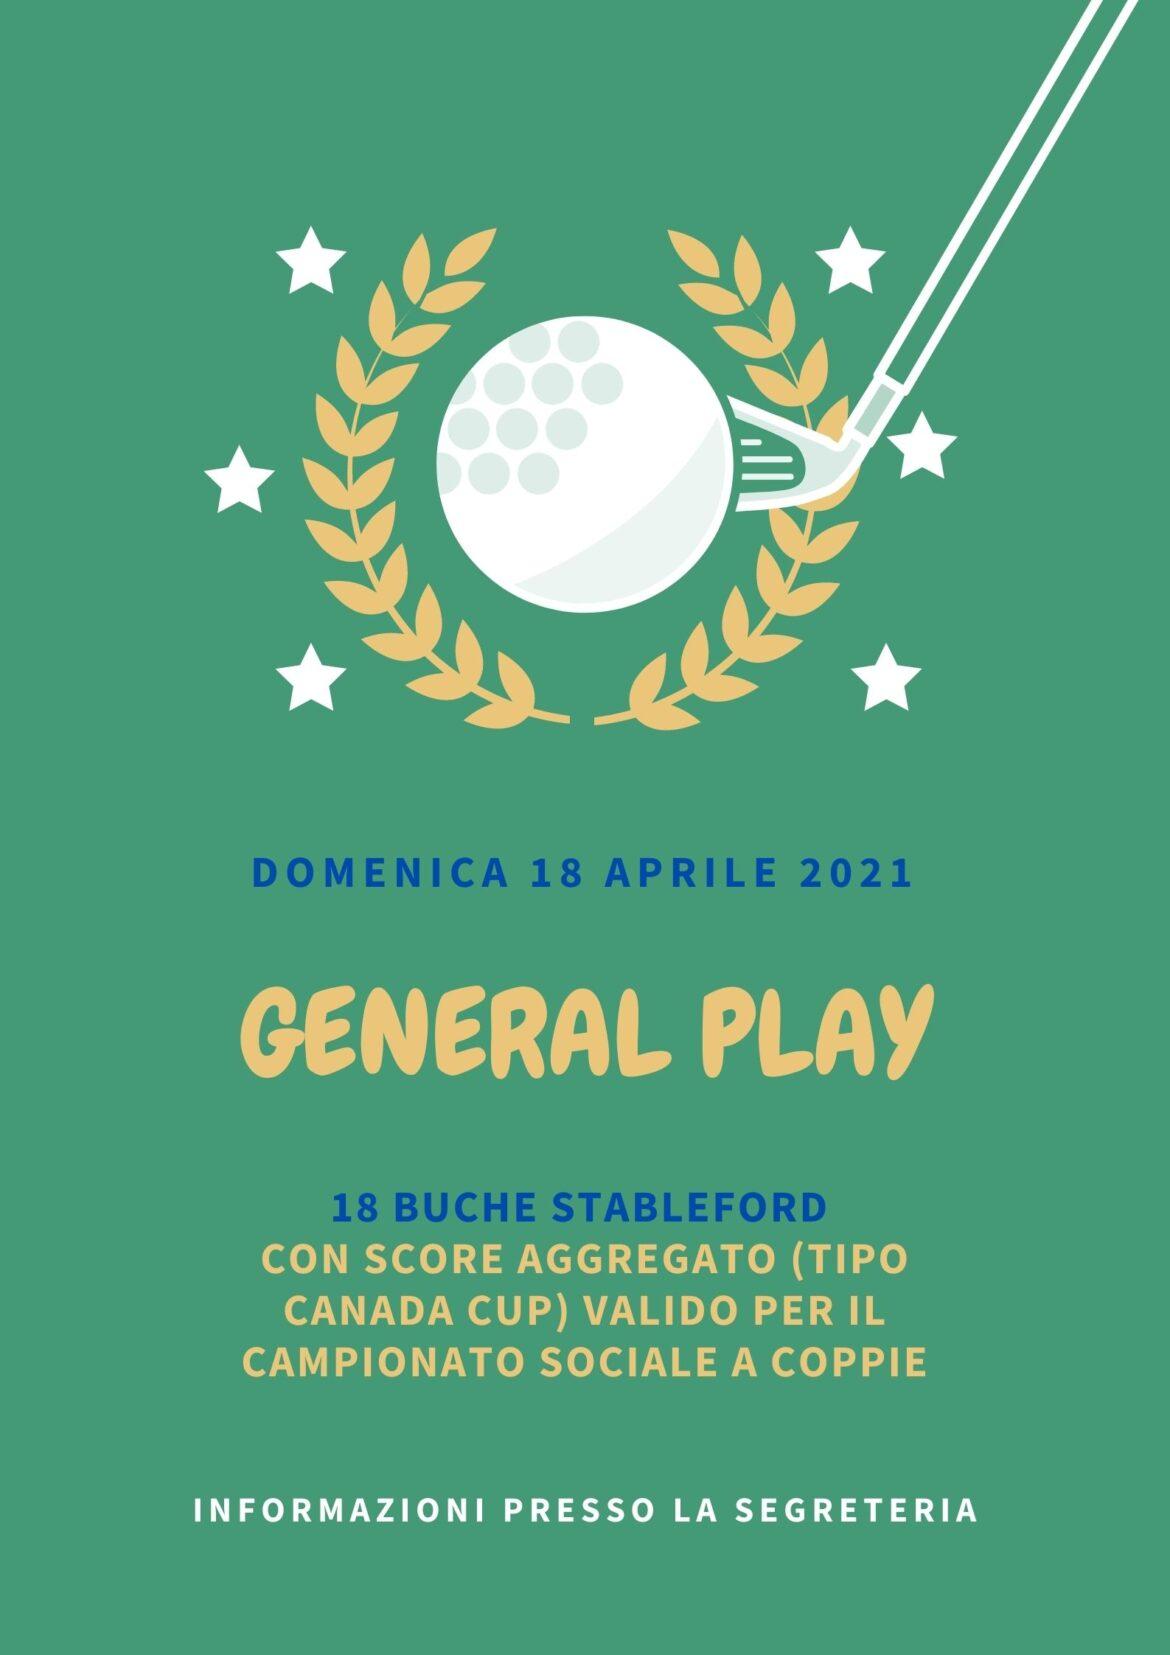 GENERAL PLAY 18 APRILE 2021